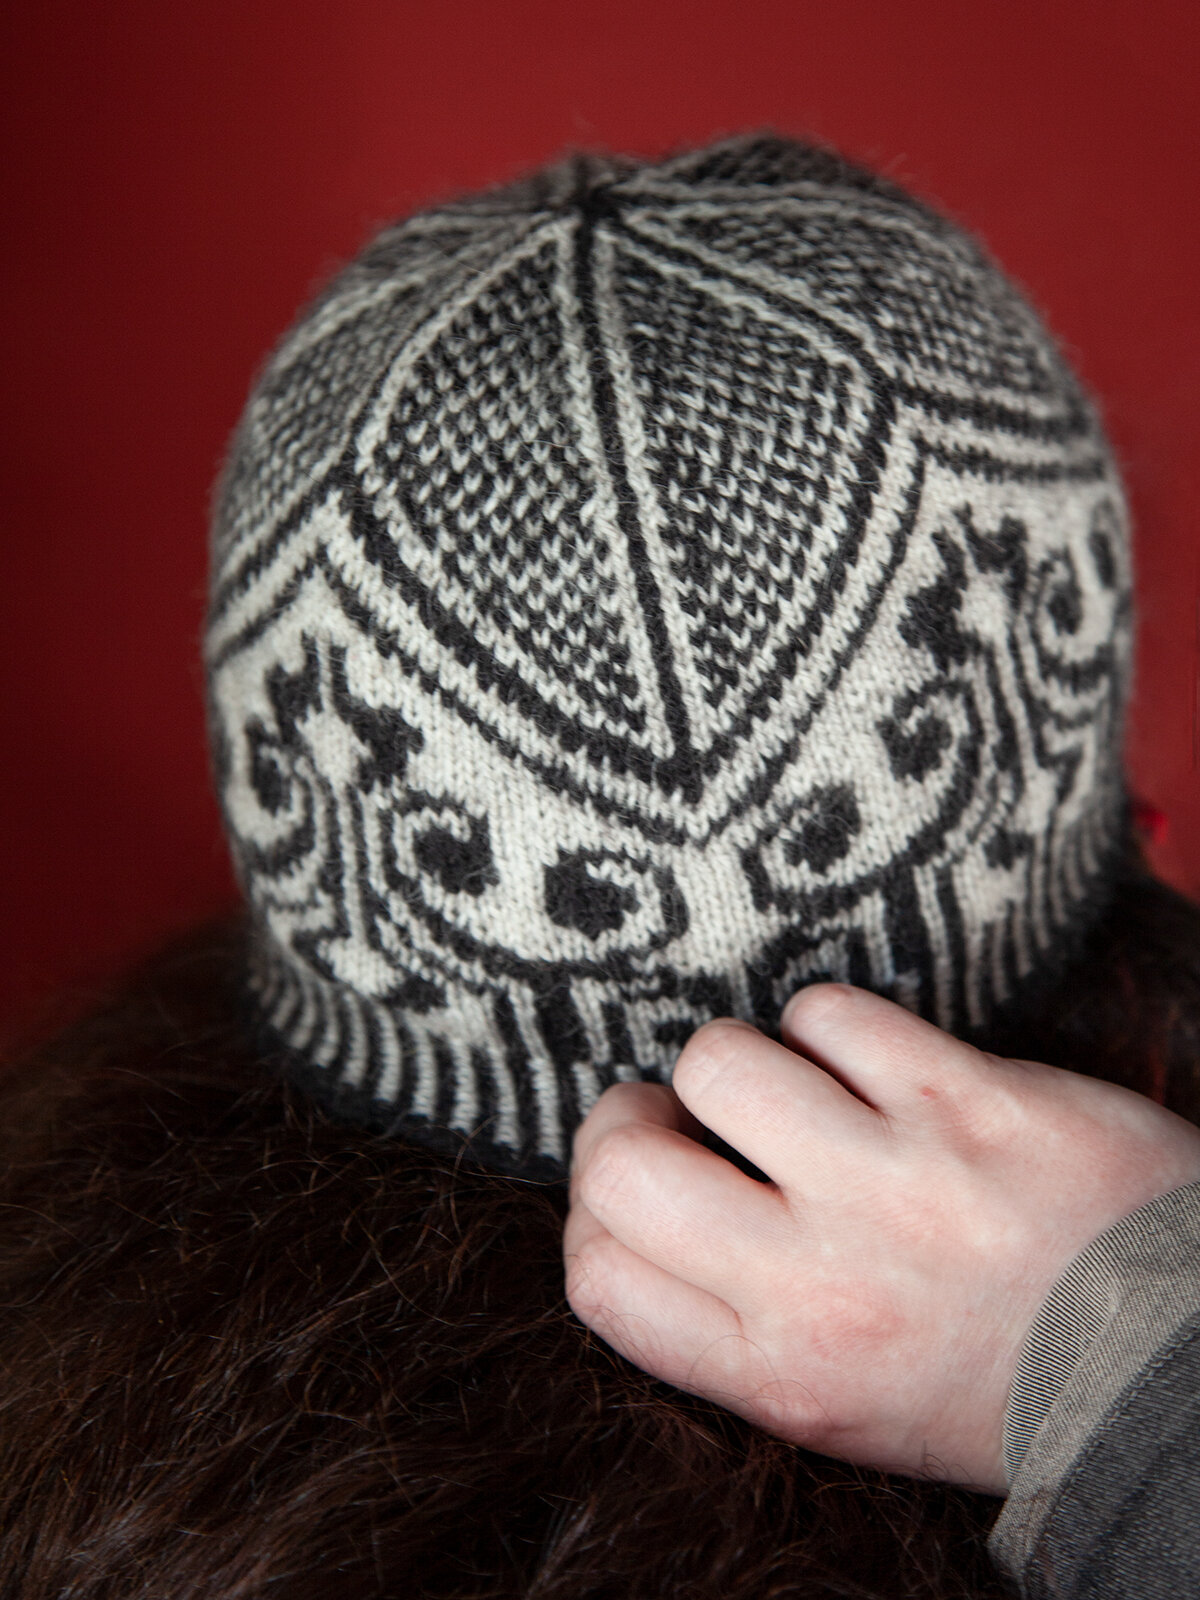 Orfeo-hat-&-cowl-22.jpg